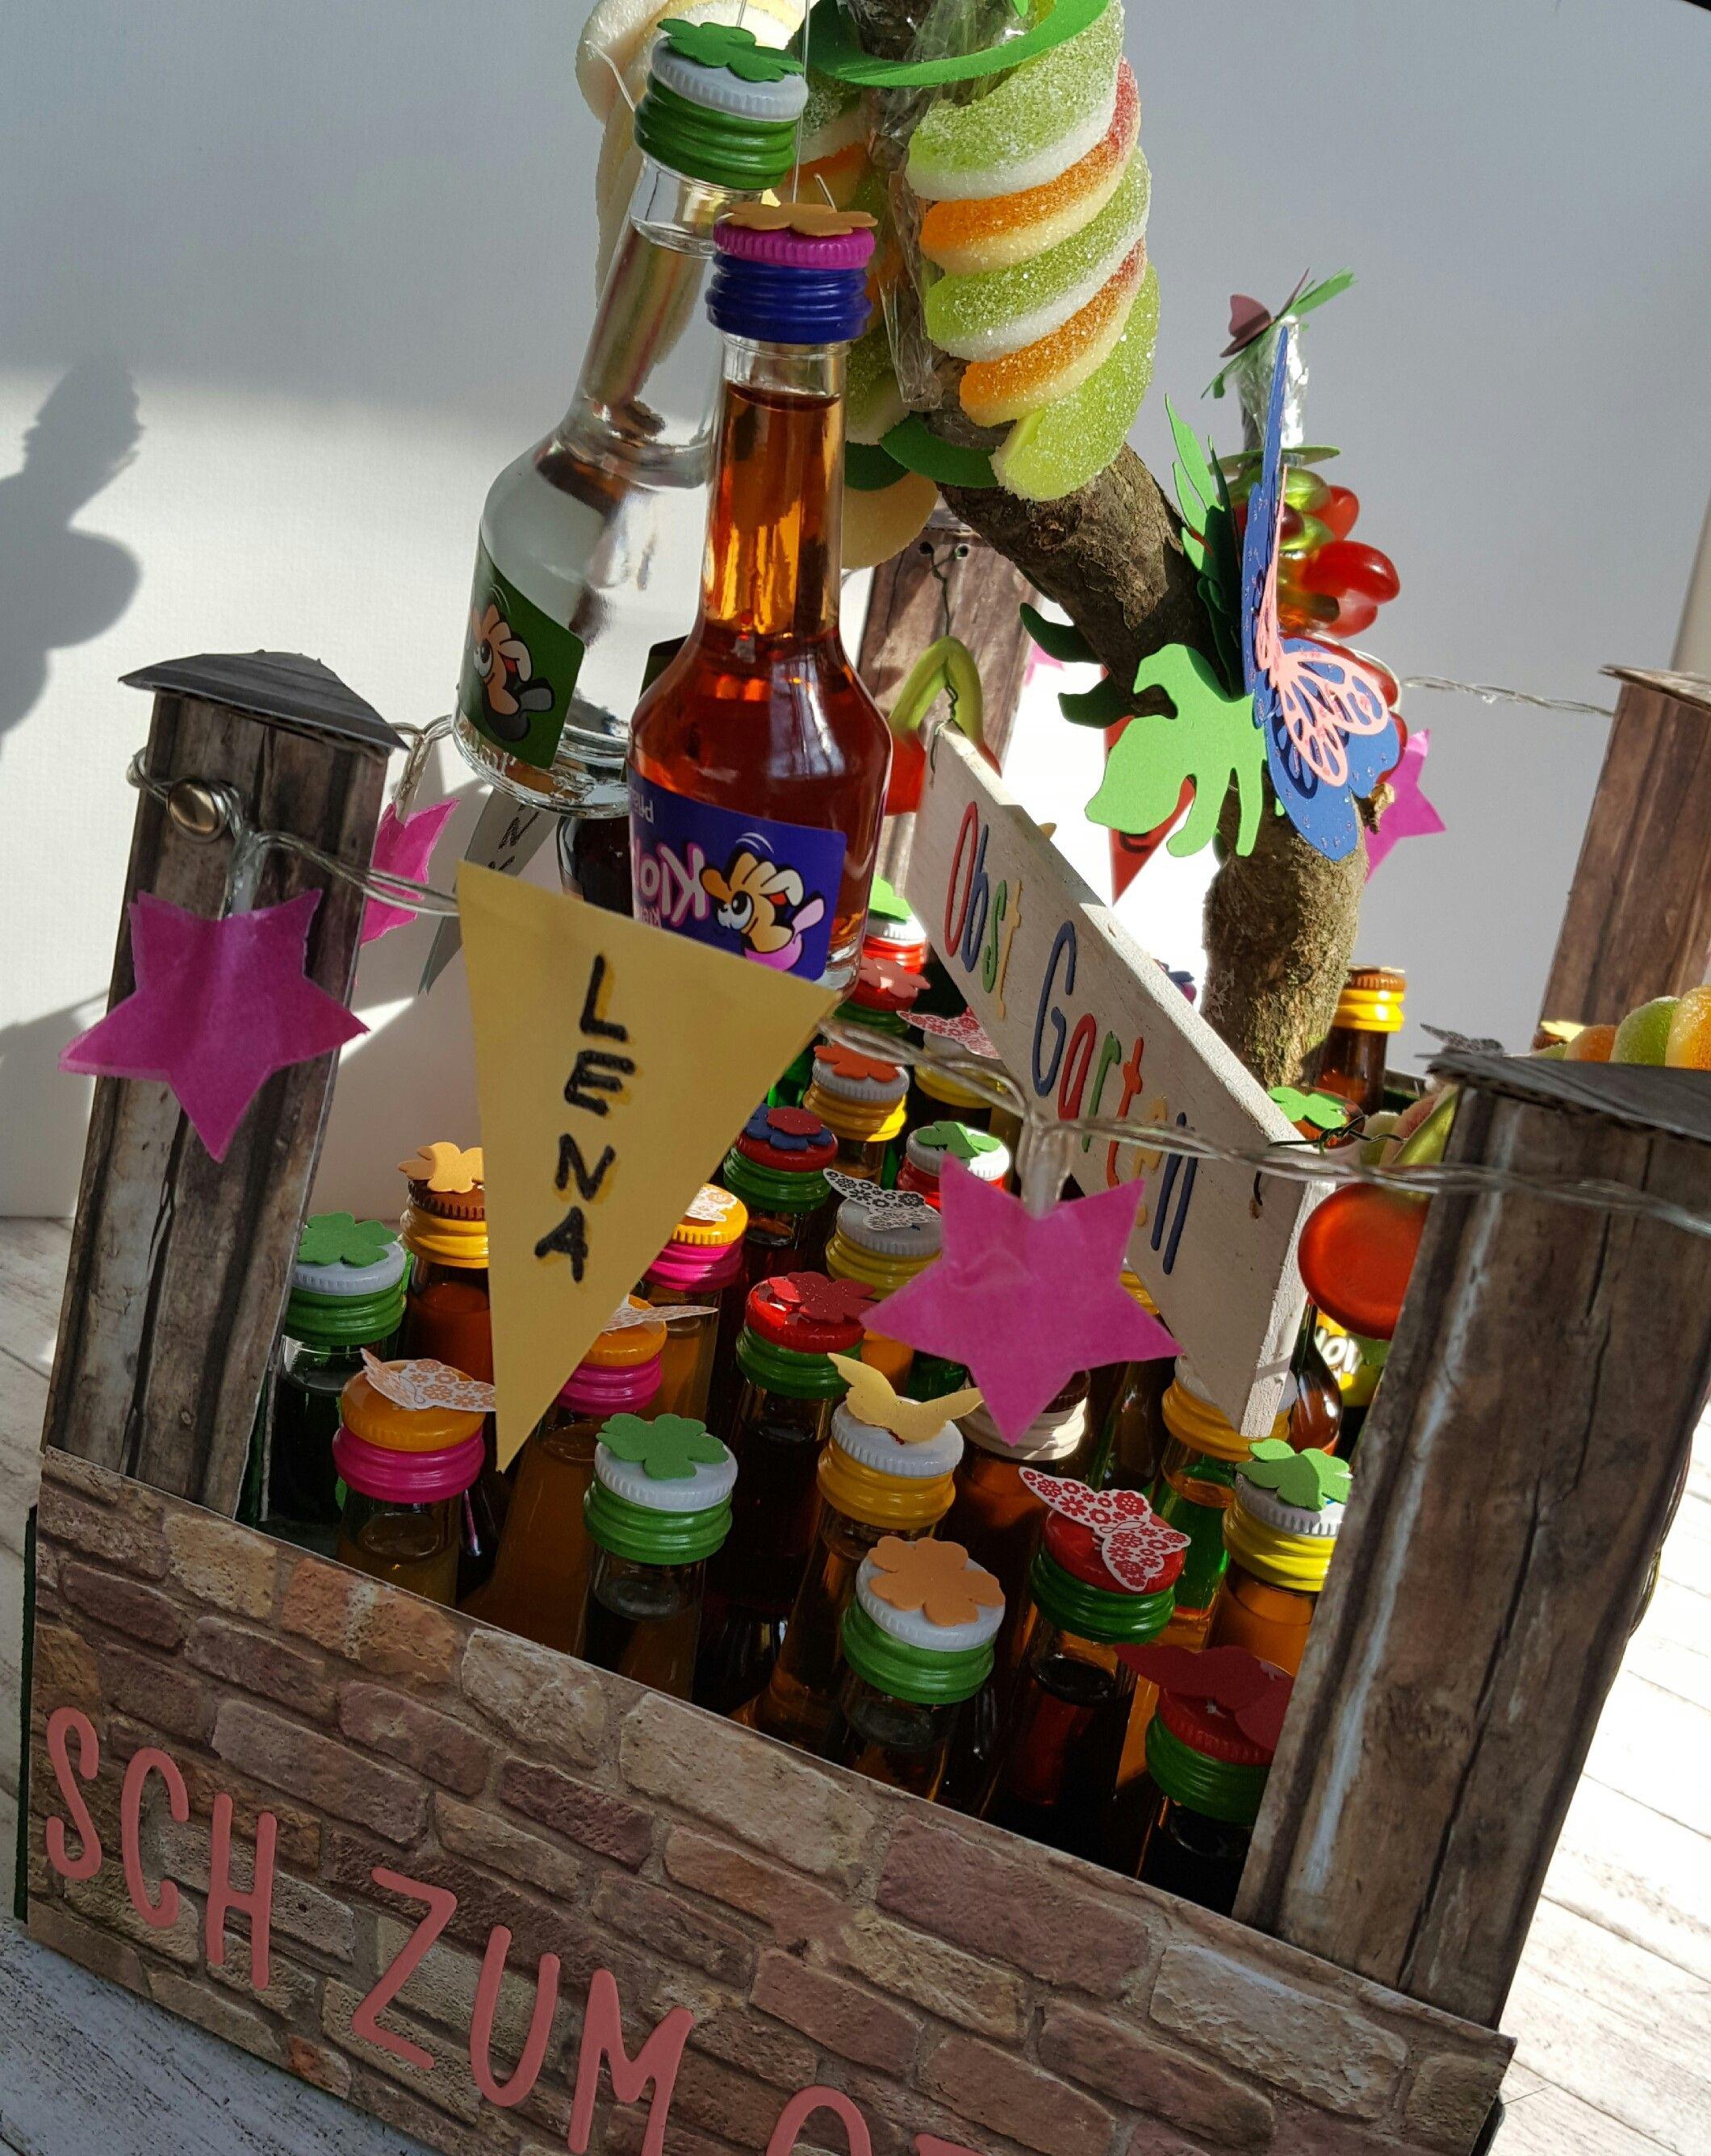 Kleine Schnapse Klopfer Zum Geburtstag Dekorativ Verpackt